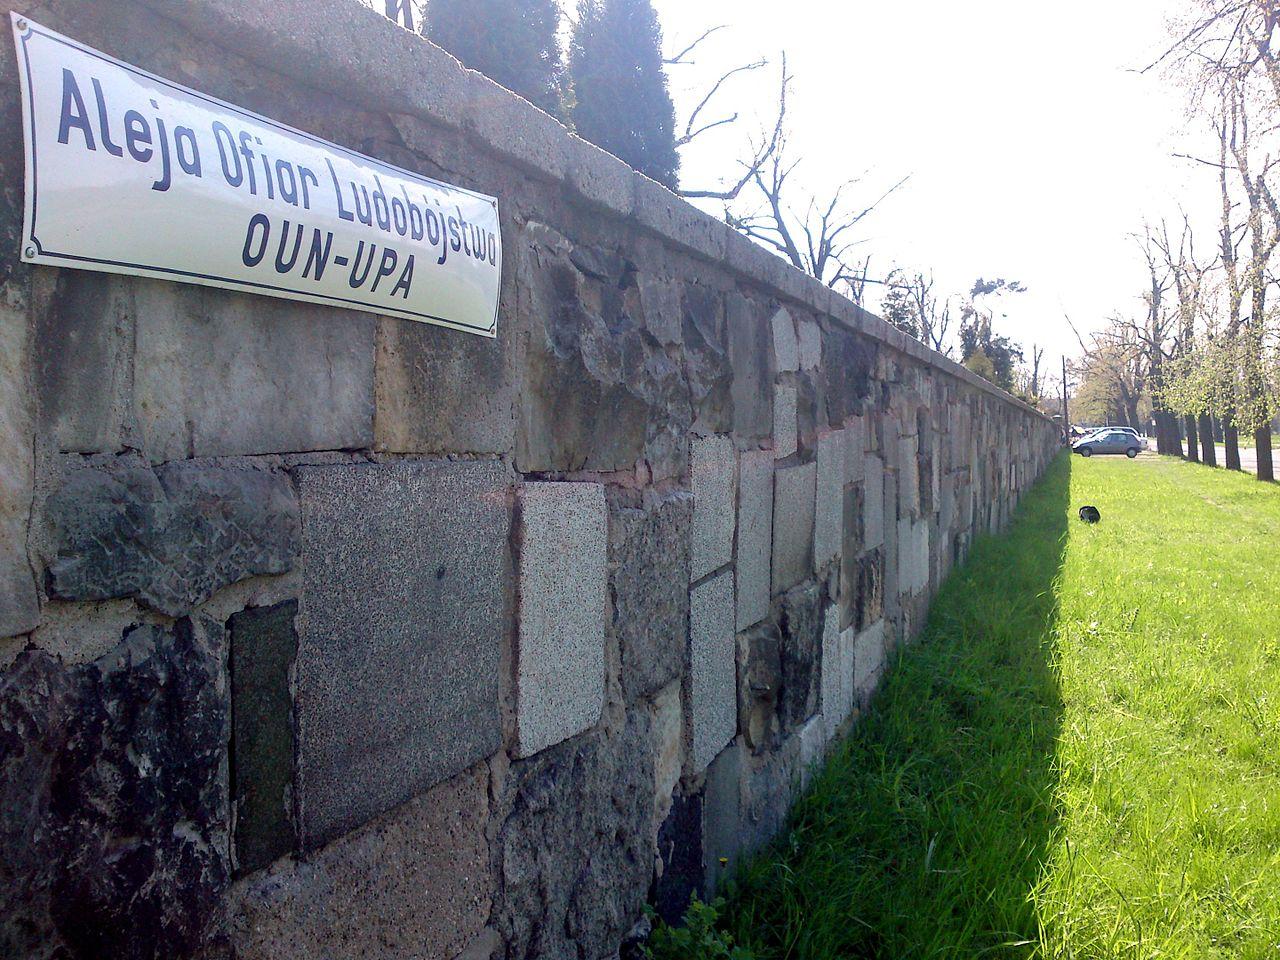 Będzie tablica upamiętniająca ofiary rzezi wołyńskiej z 1943 roku na Grobie Nieznanego Żołnierza w Warszawie?